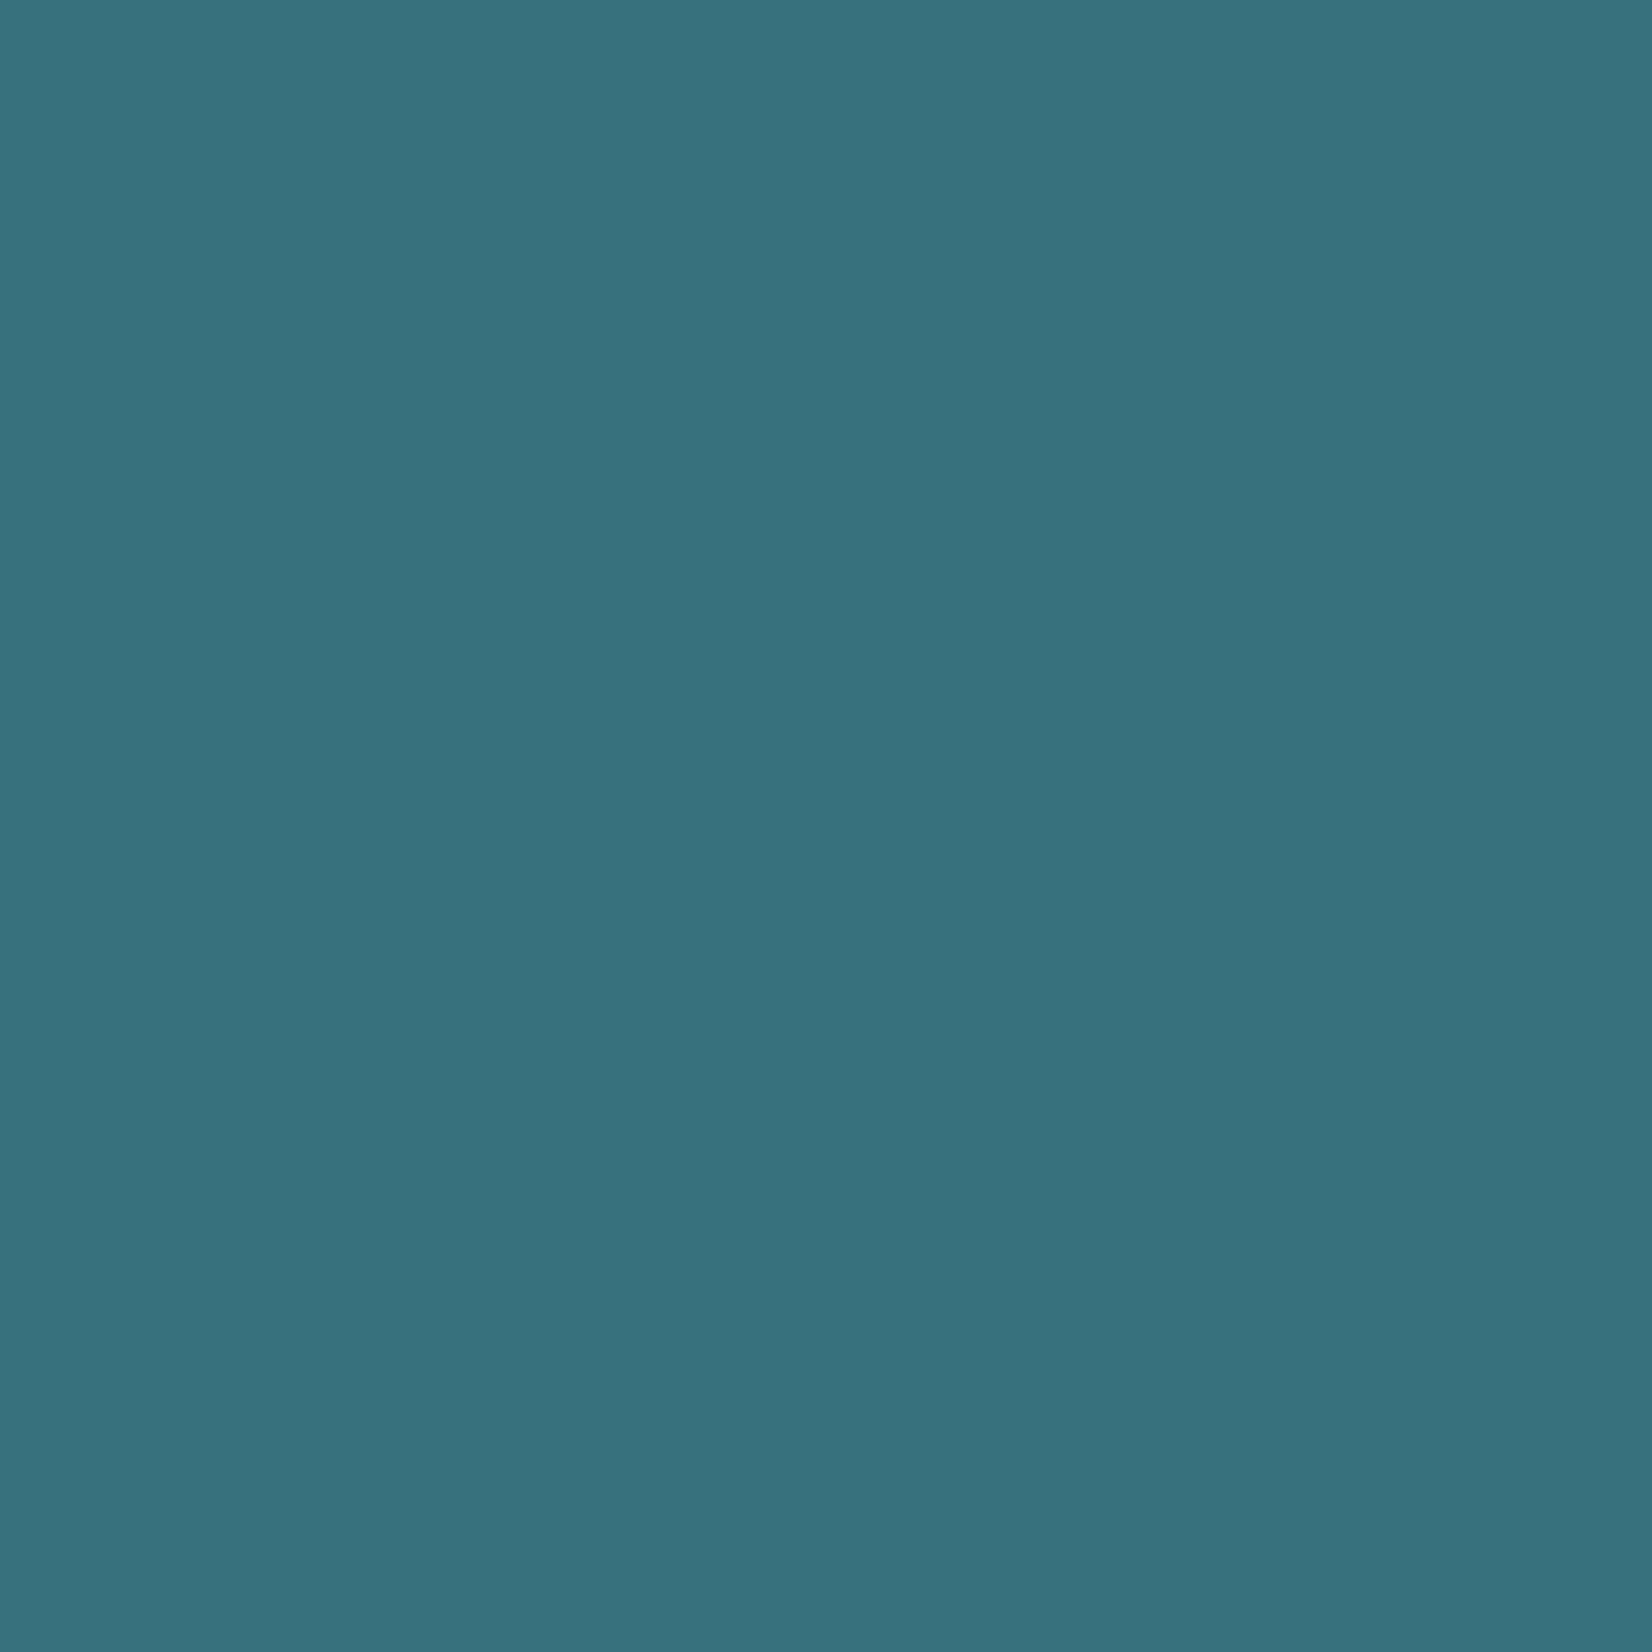 Andover CENTURY SOLIDS - ISLE -  PER CM OR $14/M